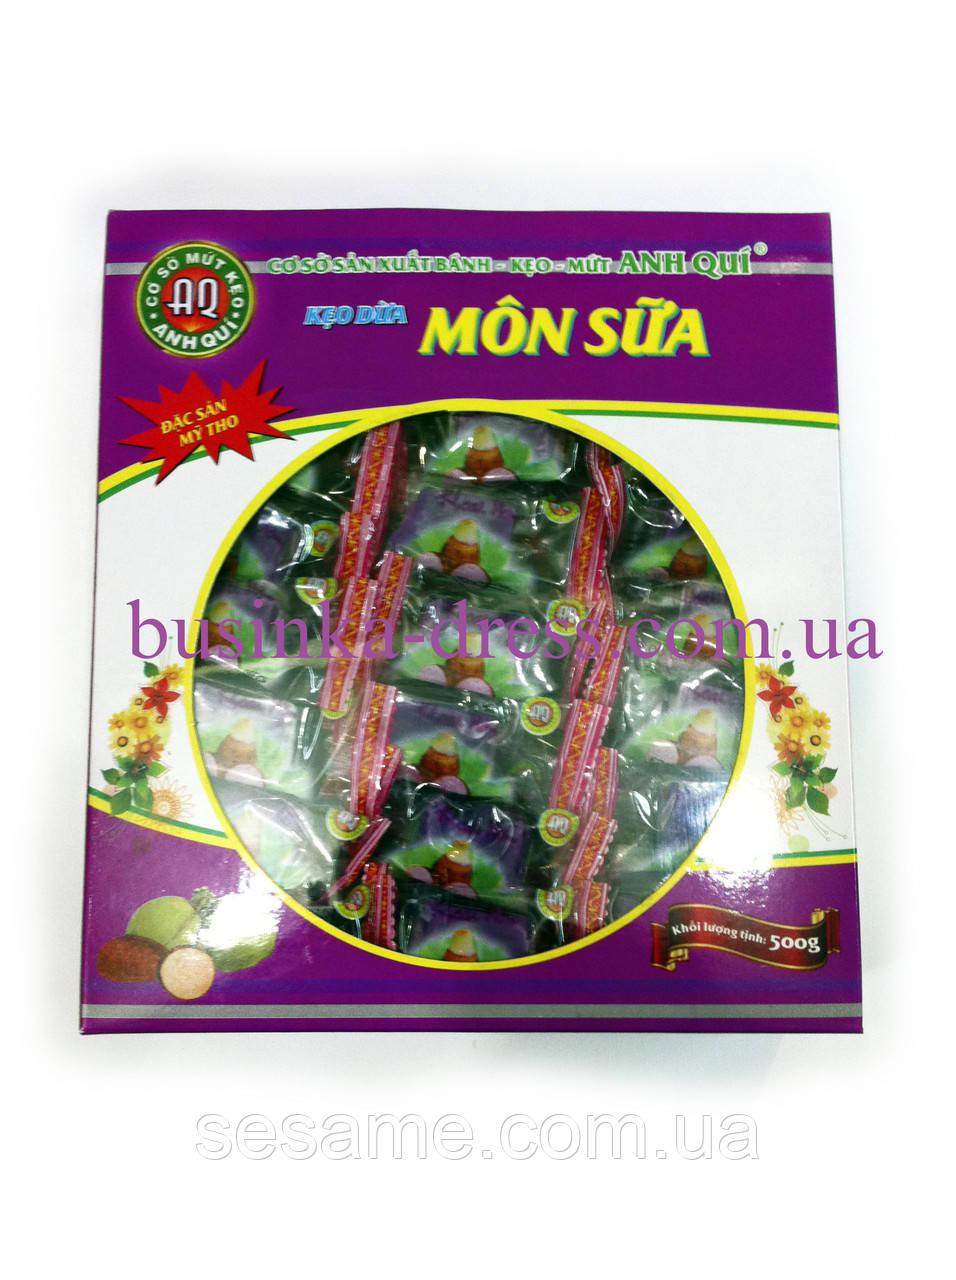 Кокосовые фруктовые натуральные конфеты 500г из Батат (Вьетнам)